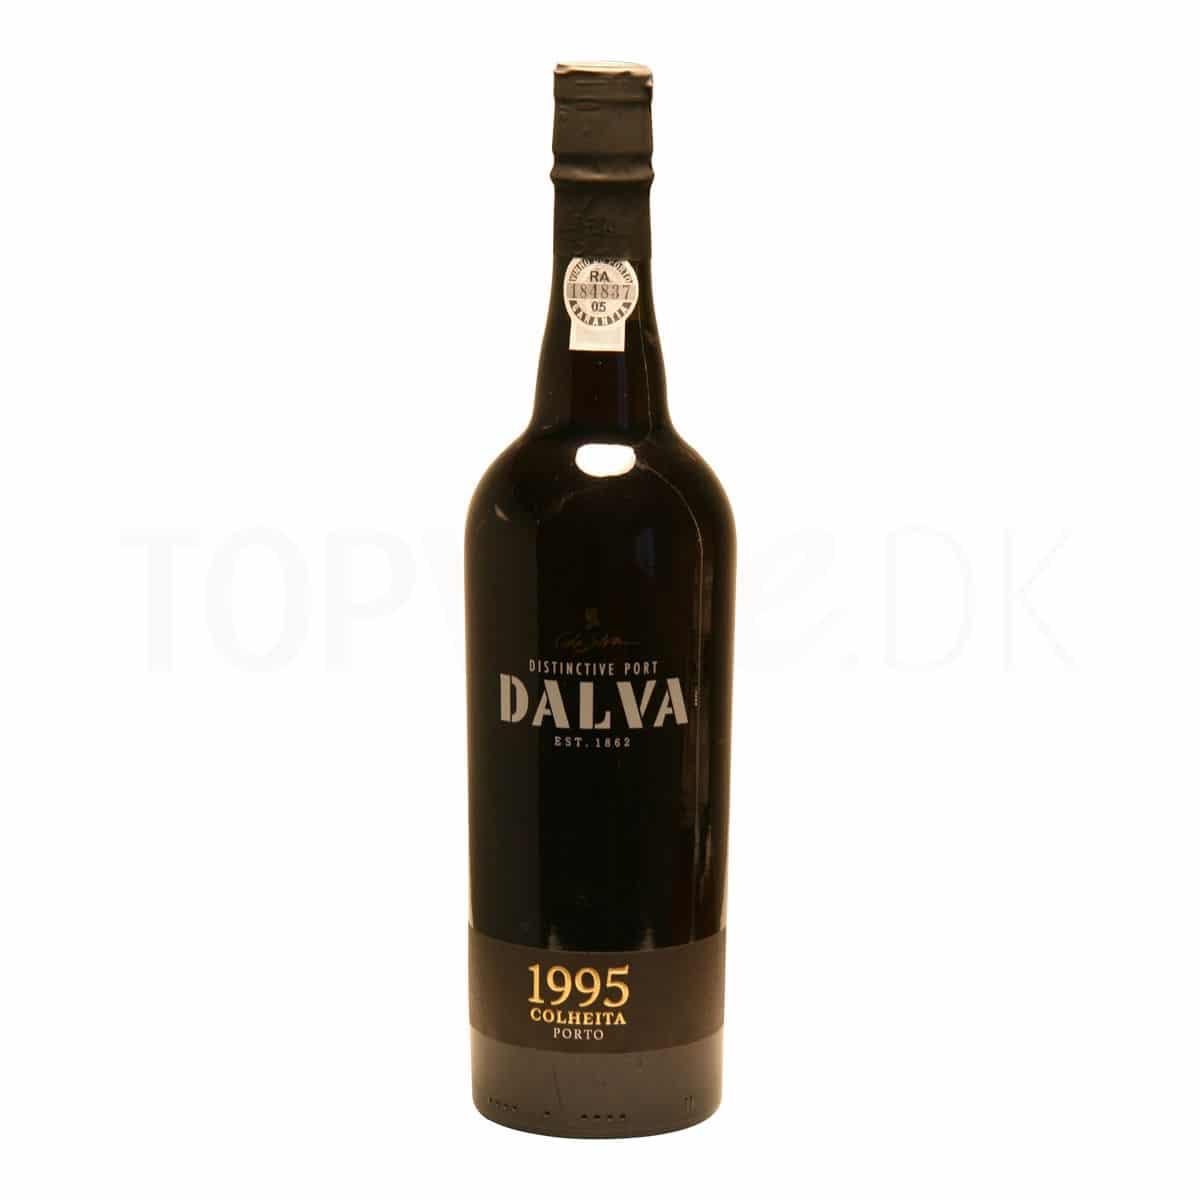 Topvine Dalva Colheita port 1995